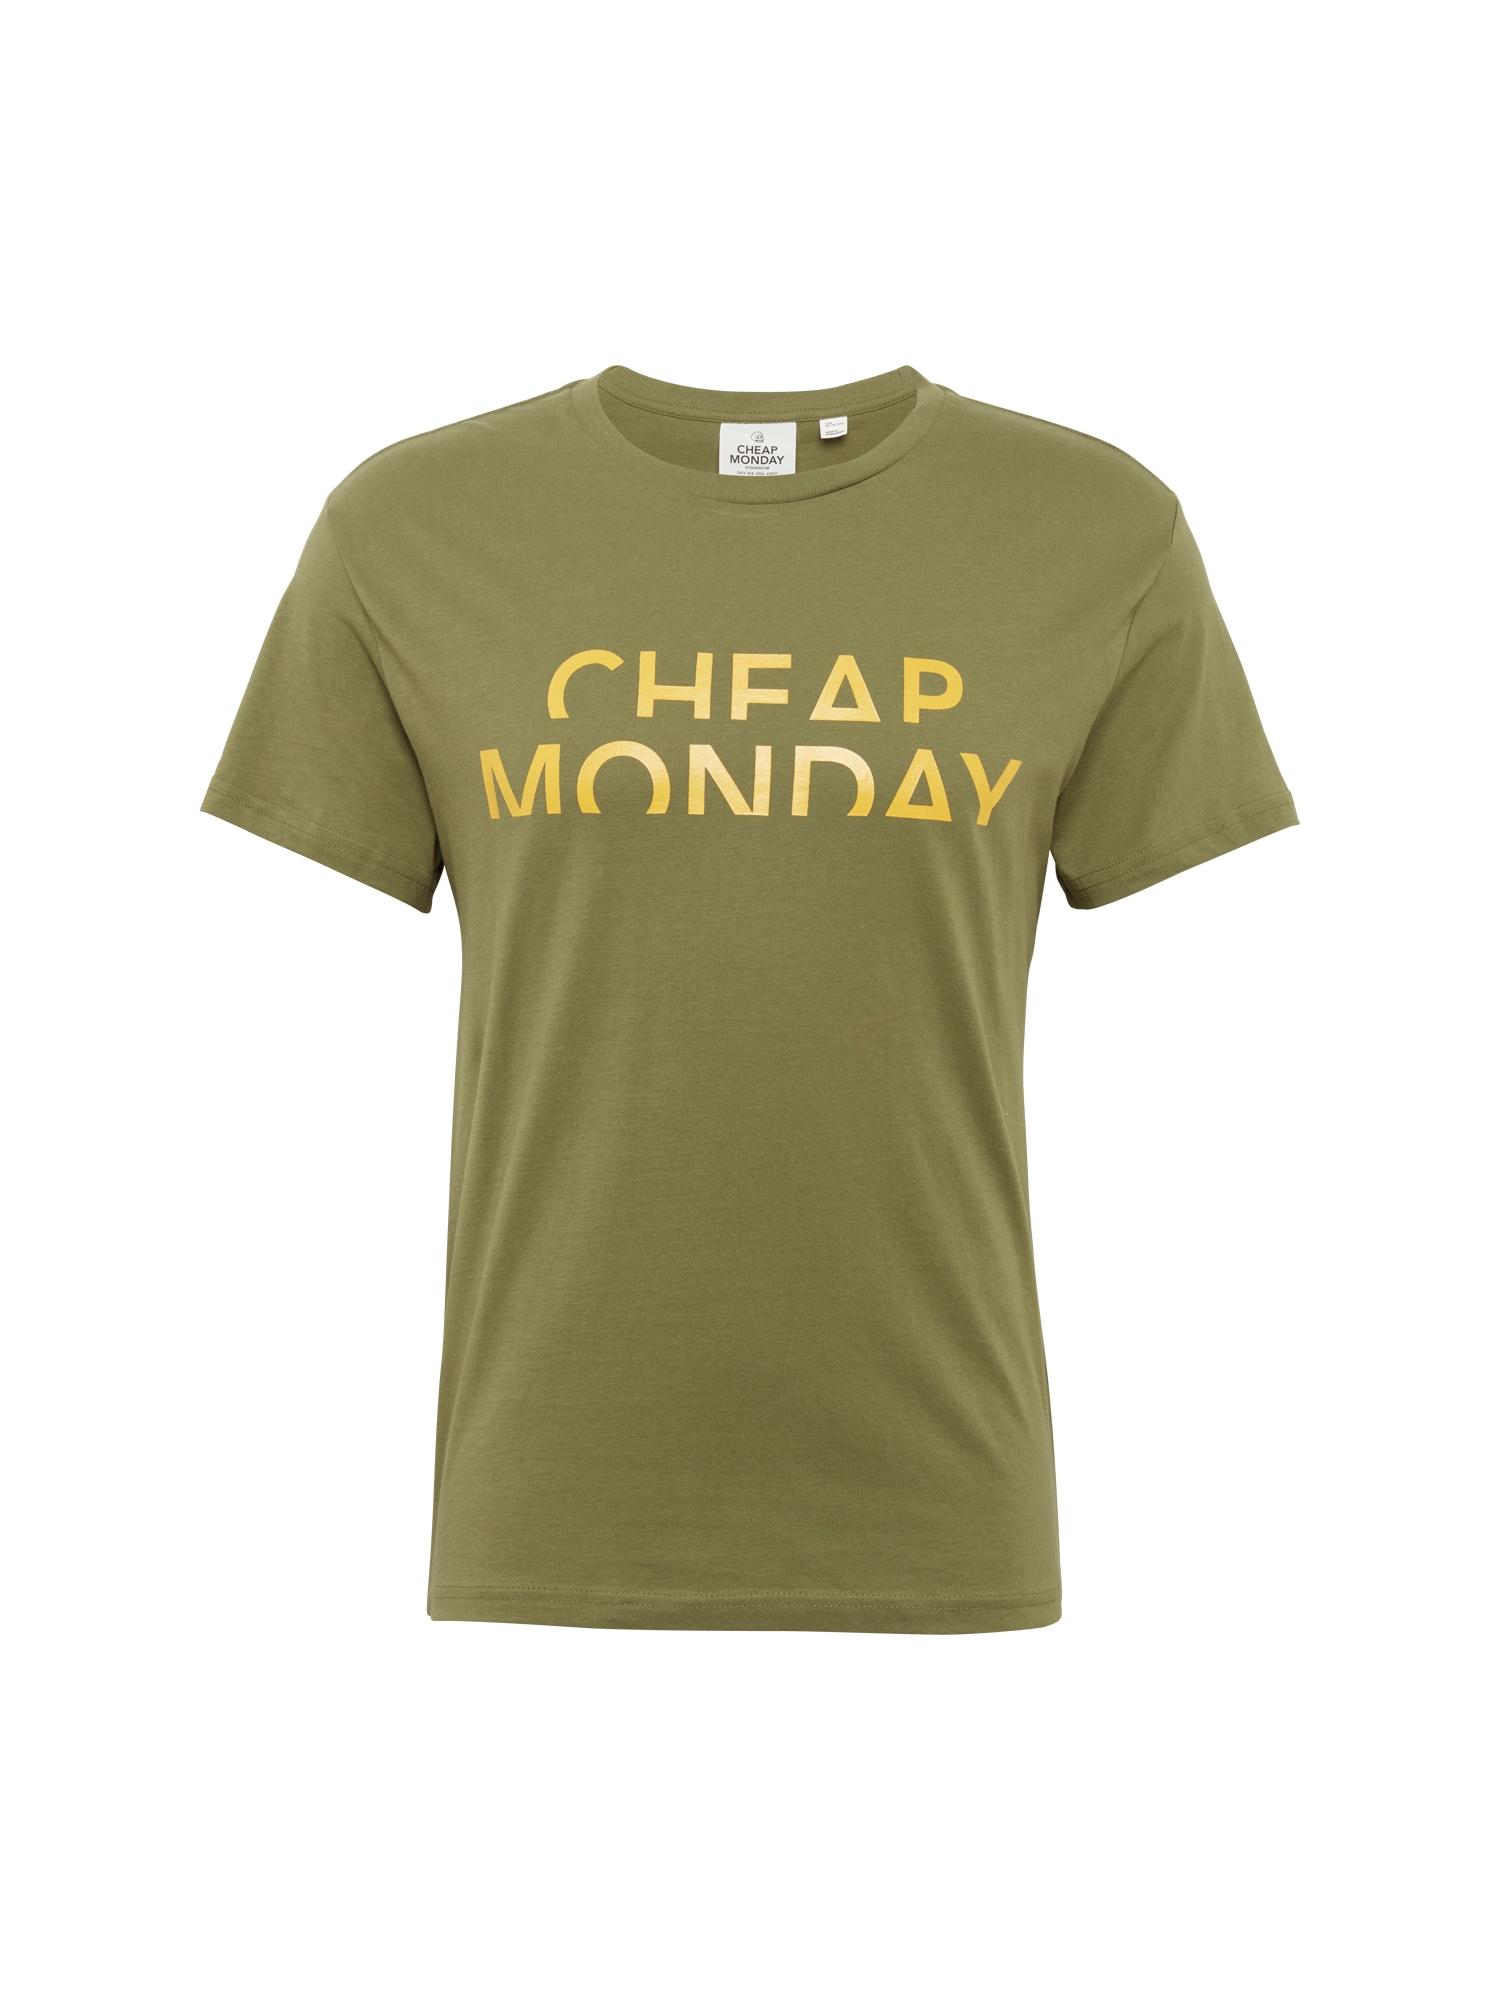 CHEAP MONDAY Heren Shirt Standard tee Spliced cheap geel olijfgroen